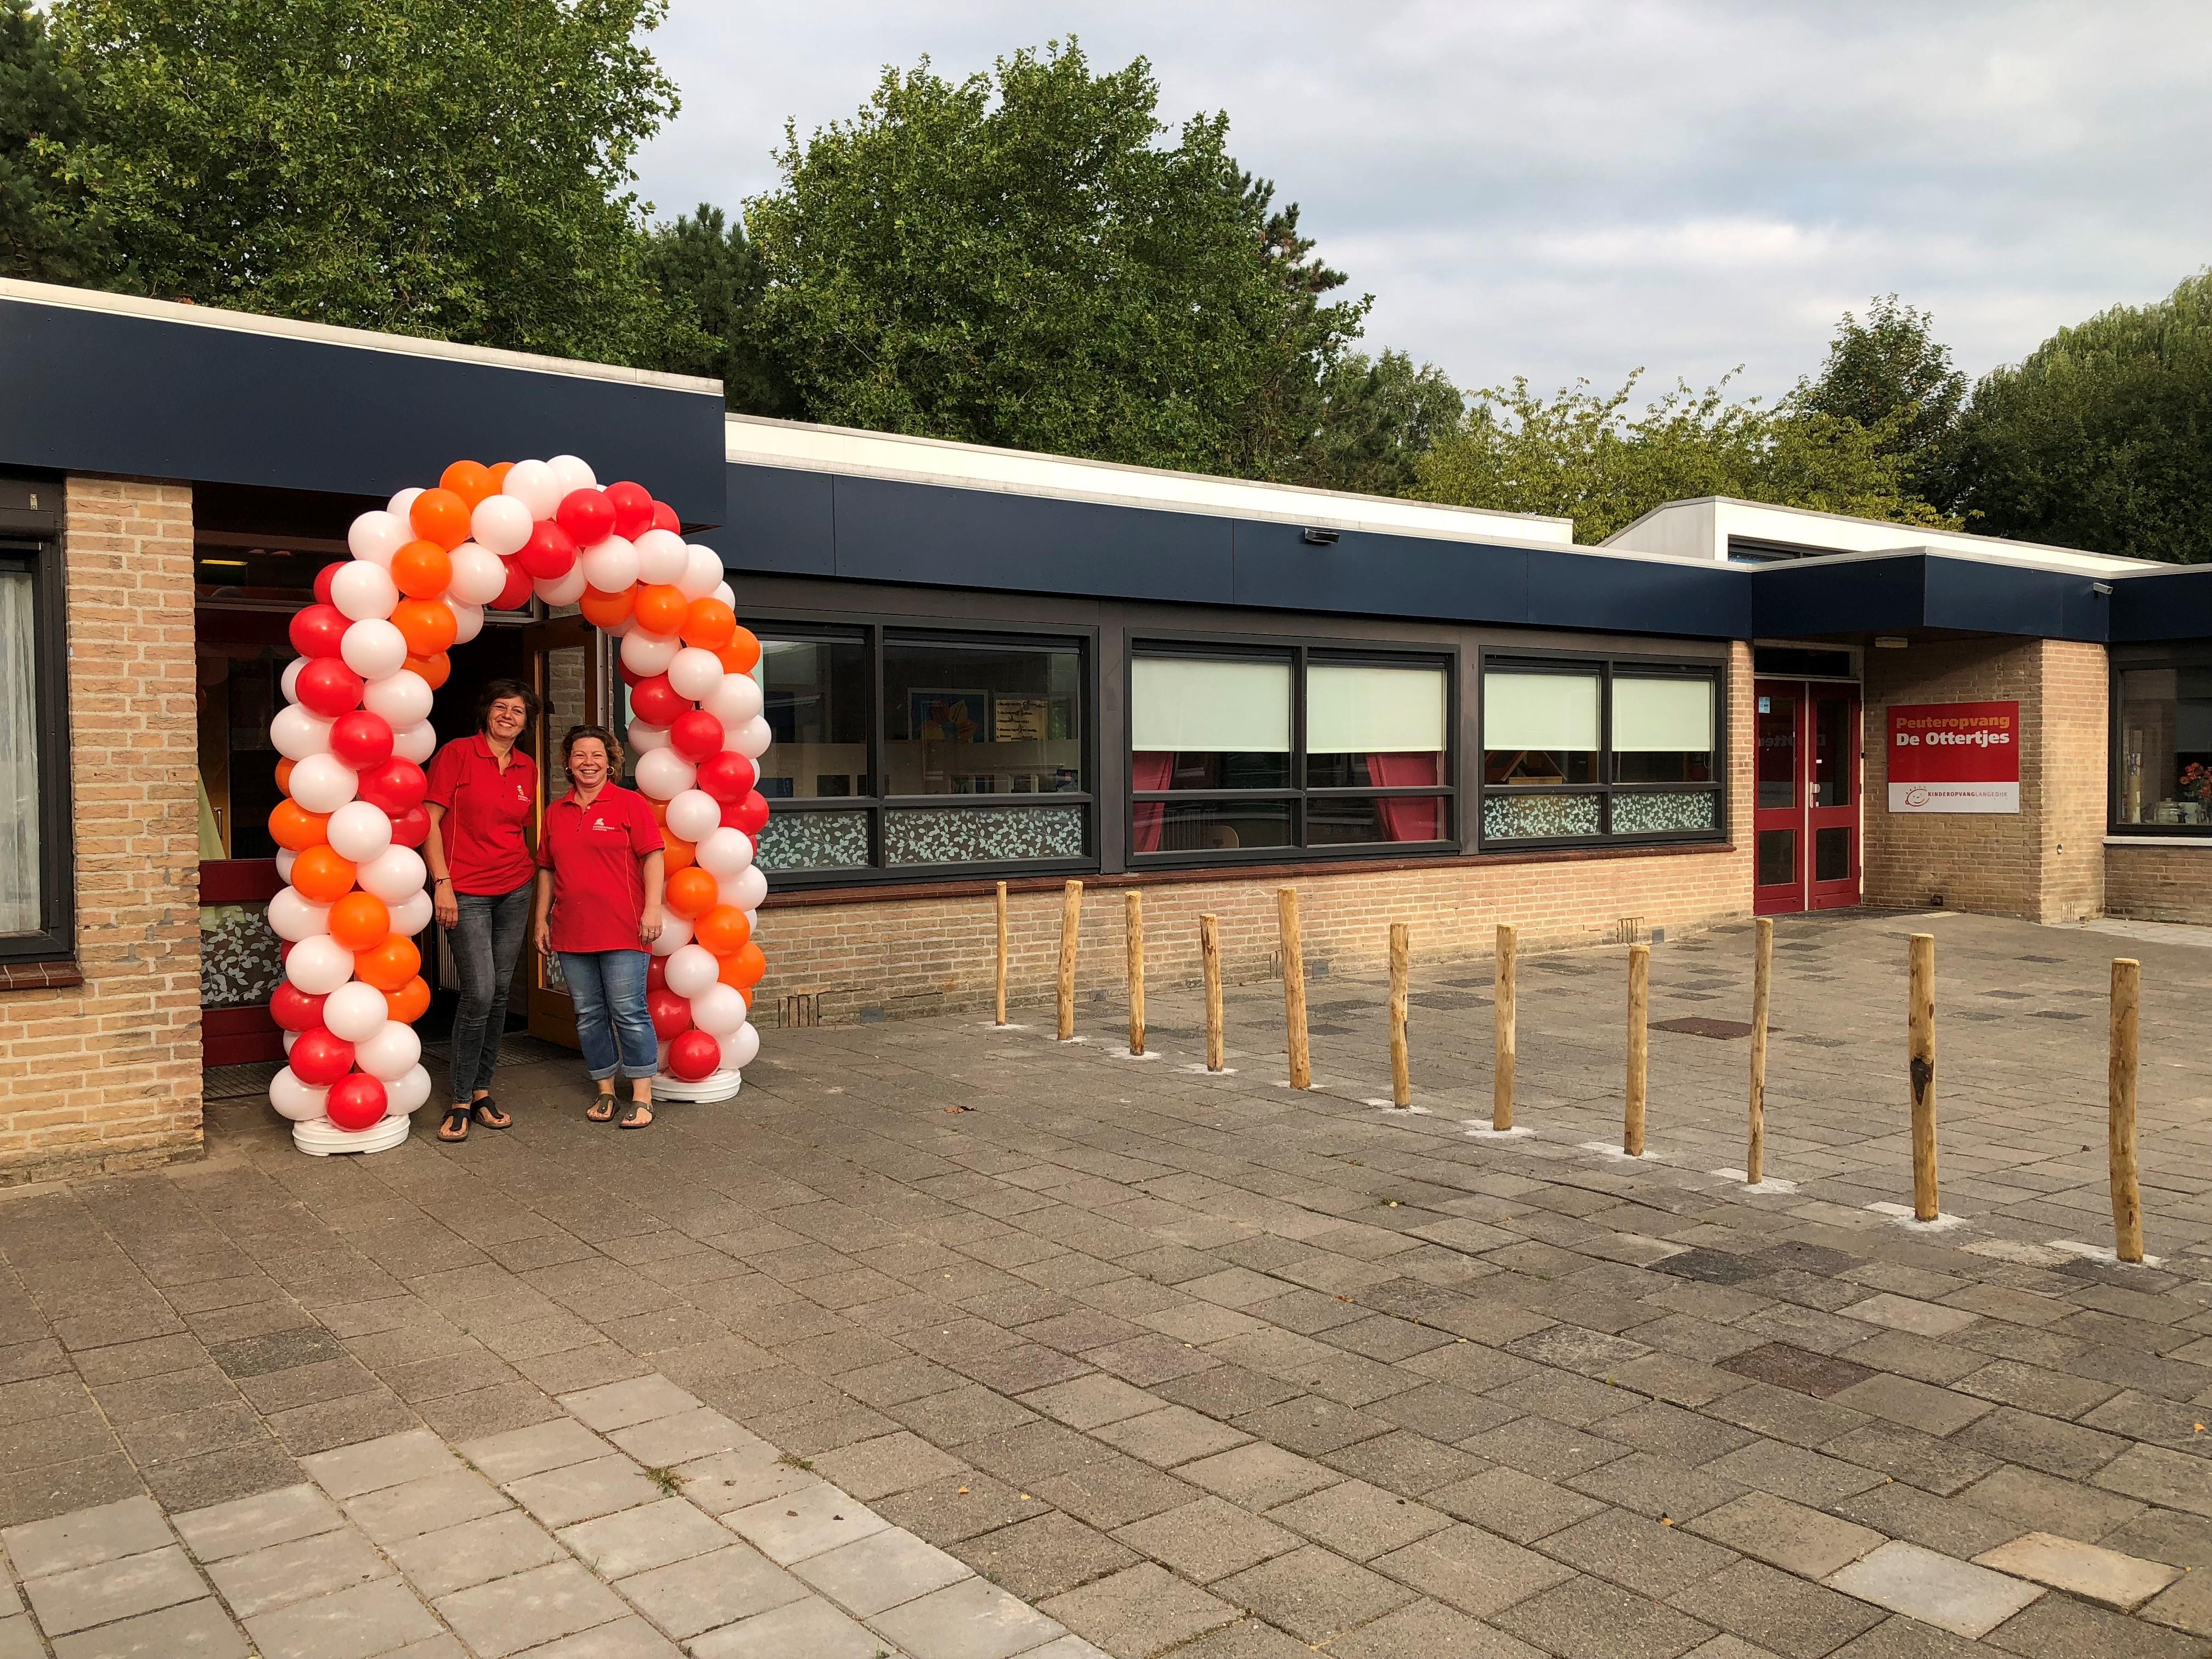 Peuterspeelzaal De Ottertjes opende op de locatie van de Duizend Eilanden school haar deuren. (Foto: aangeleverd)